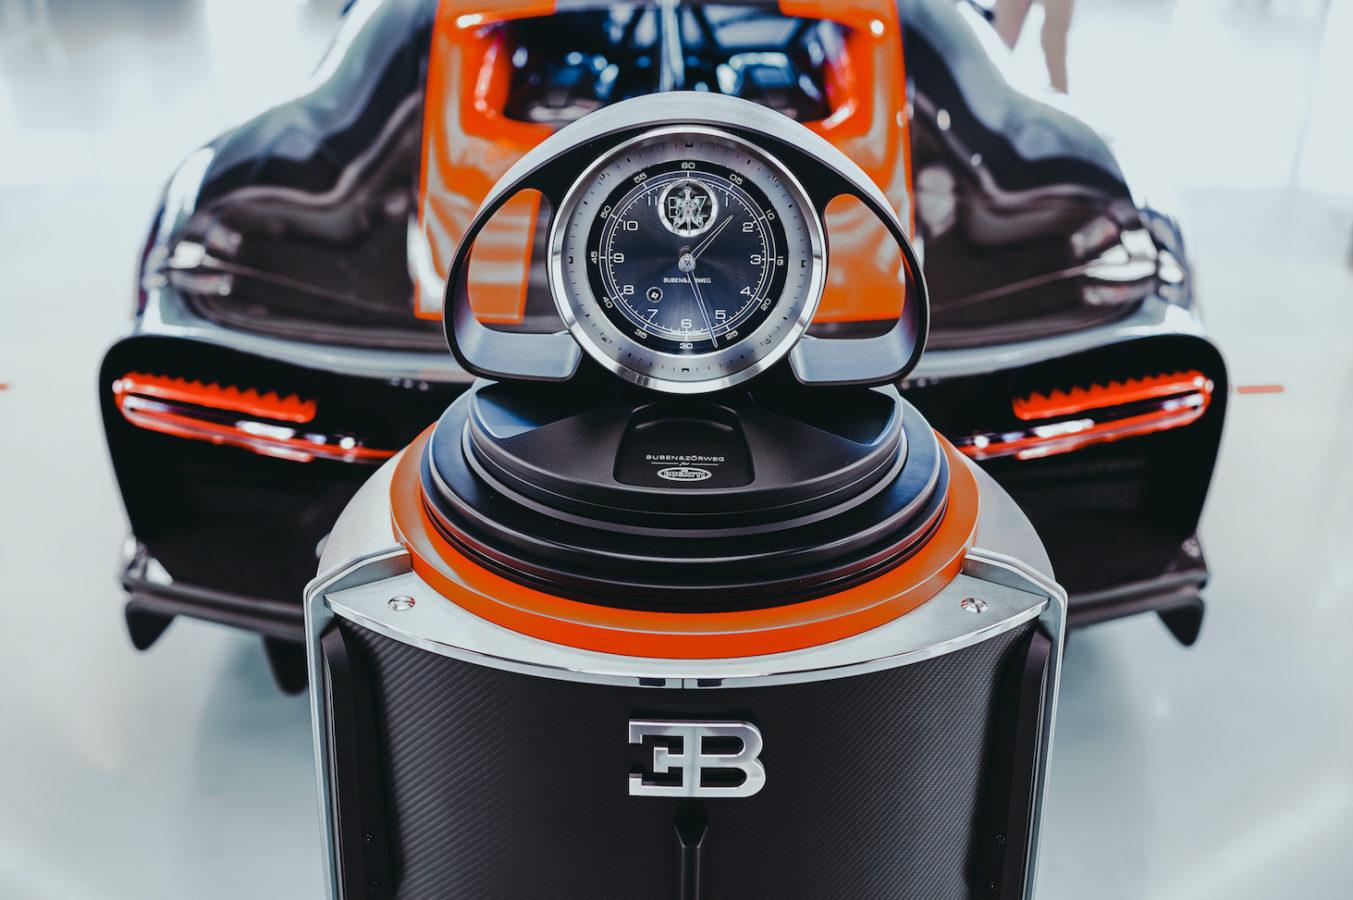 法國超跑BUGATTI跨界德國頂級腕錶收藏儀 混血機械錶上鍊儀收藏櫃限量問世